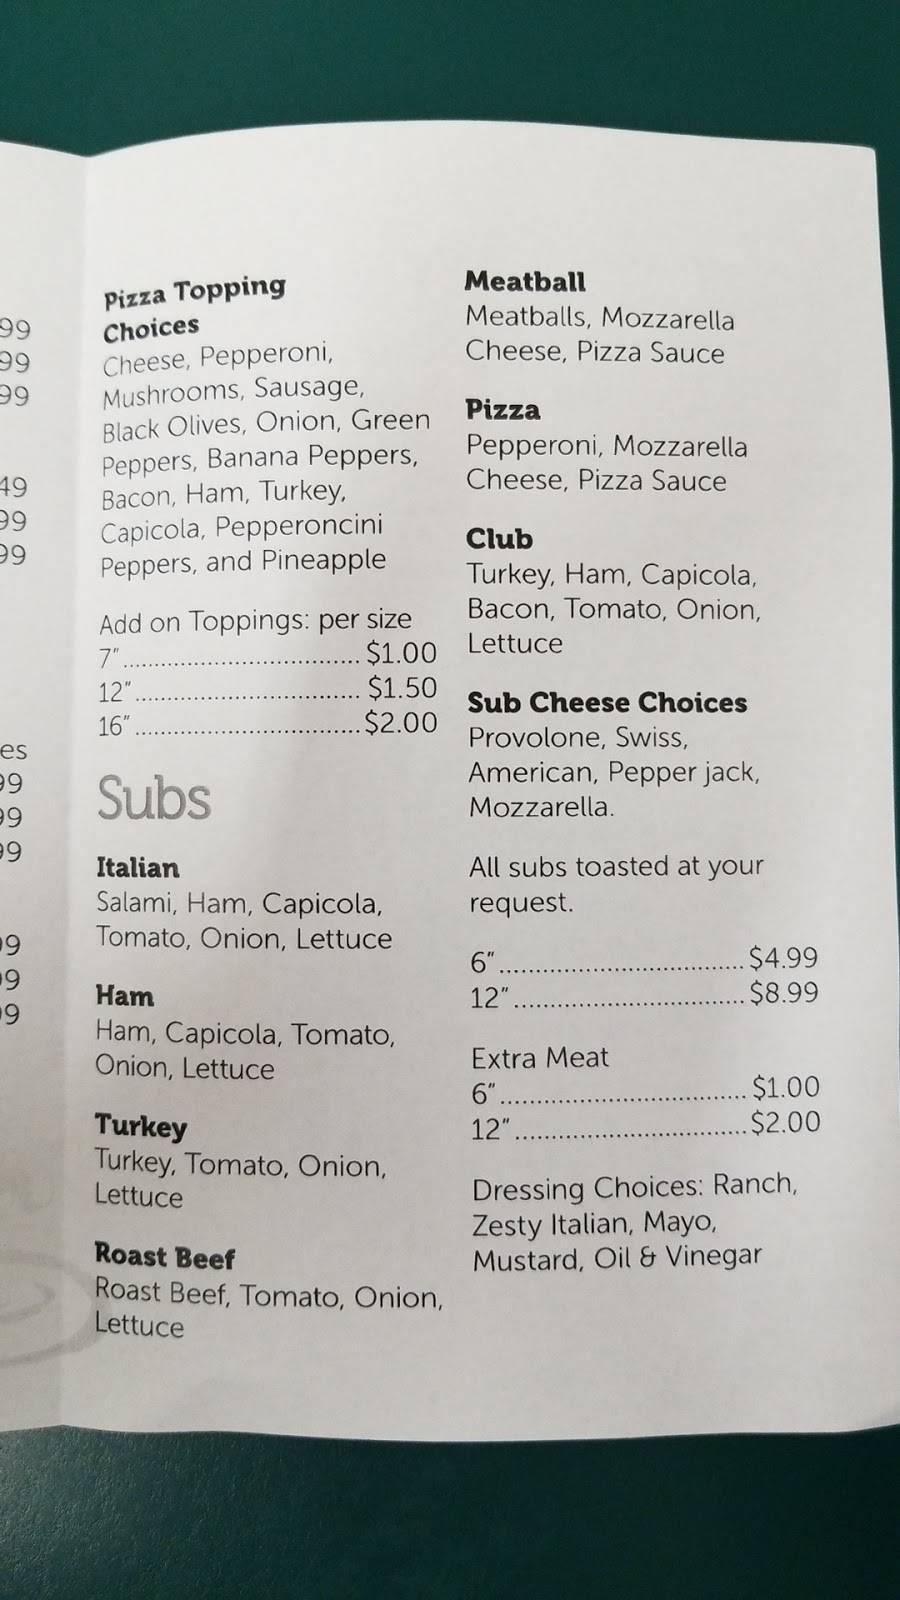 Union City Pizzeria | restaurant | 25 E High St, Union City, PA 16438, USA | 8144386055 OR +1 814-438-6055